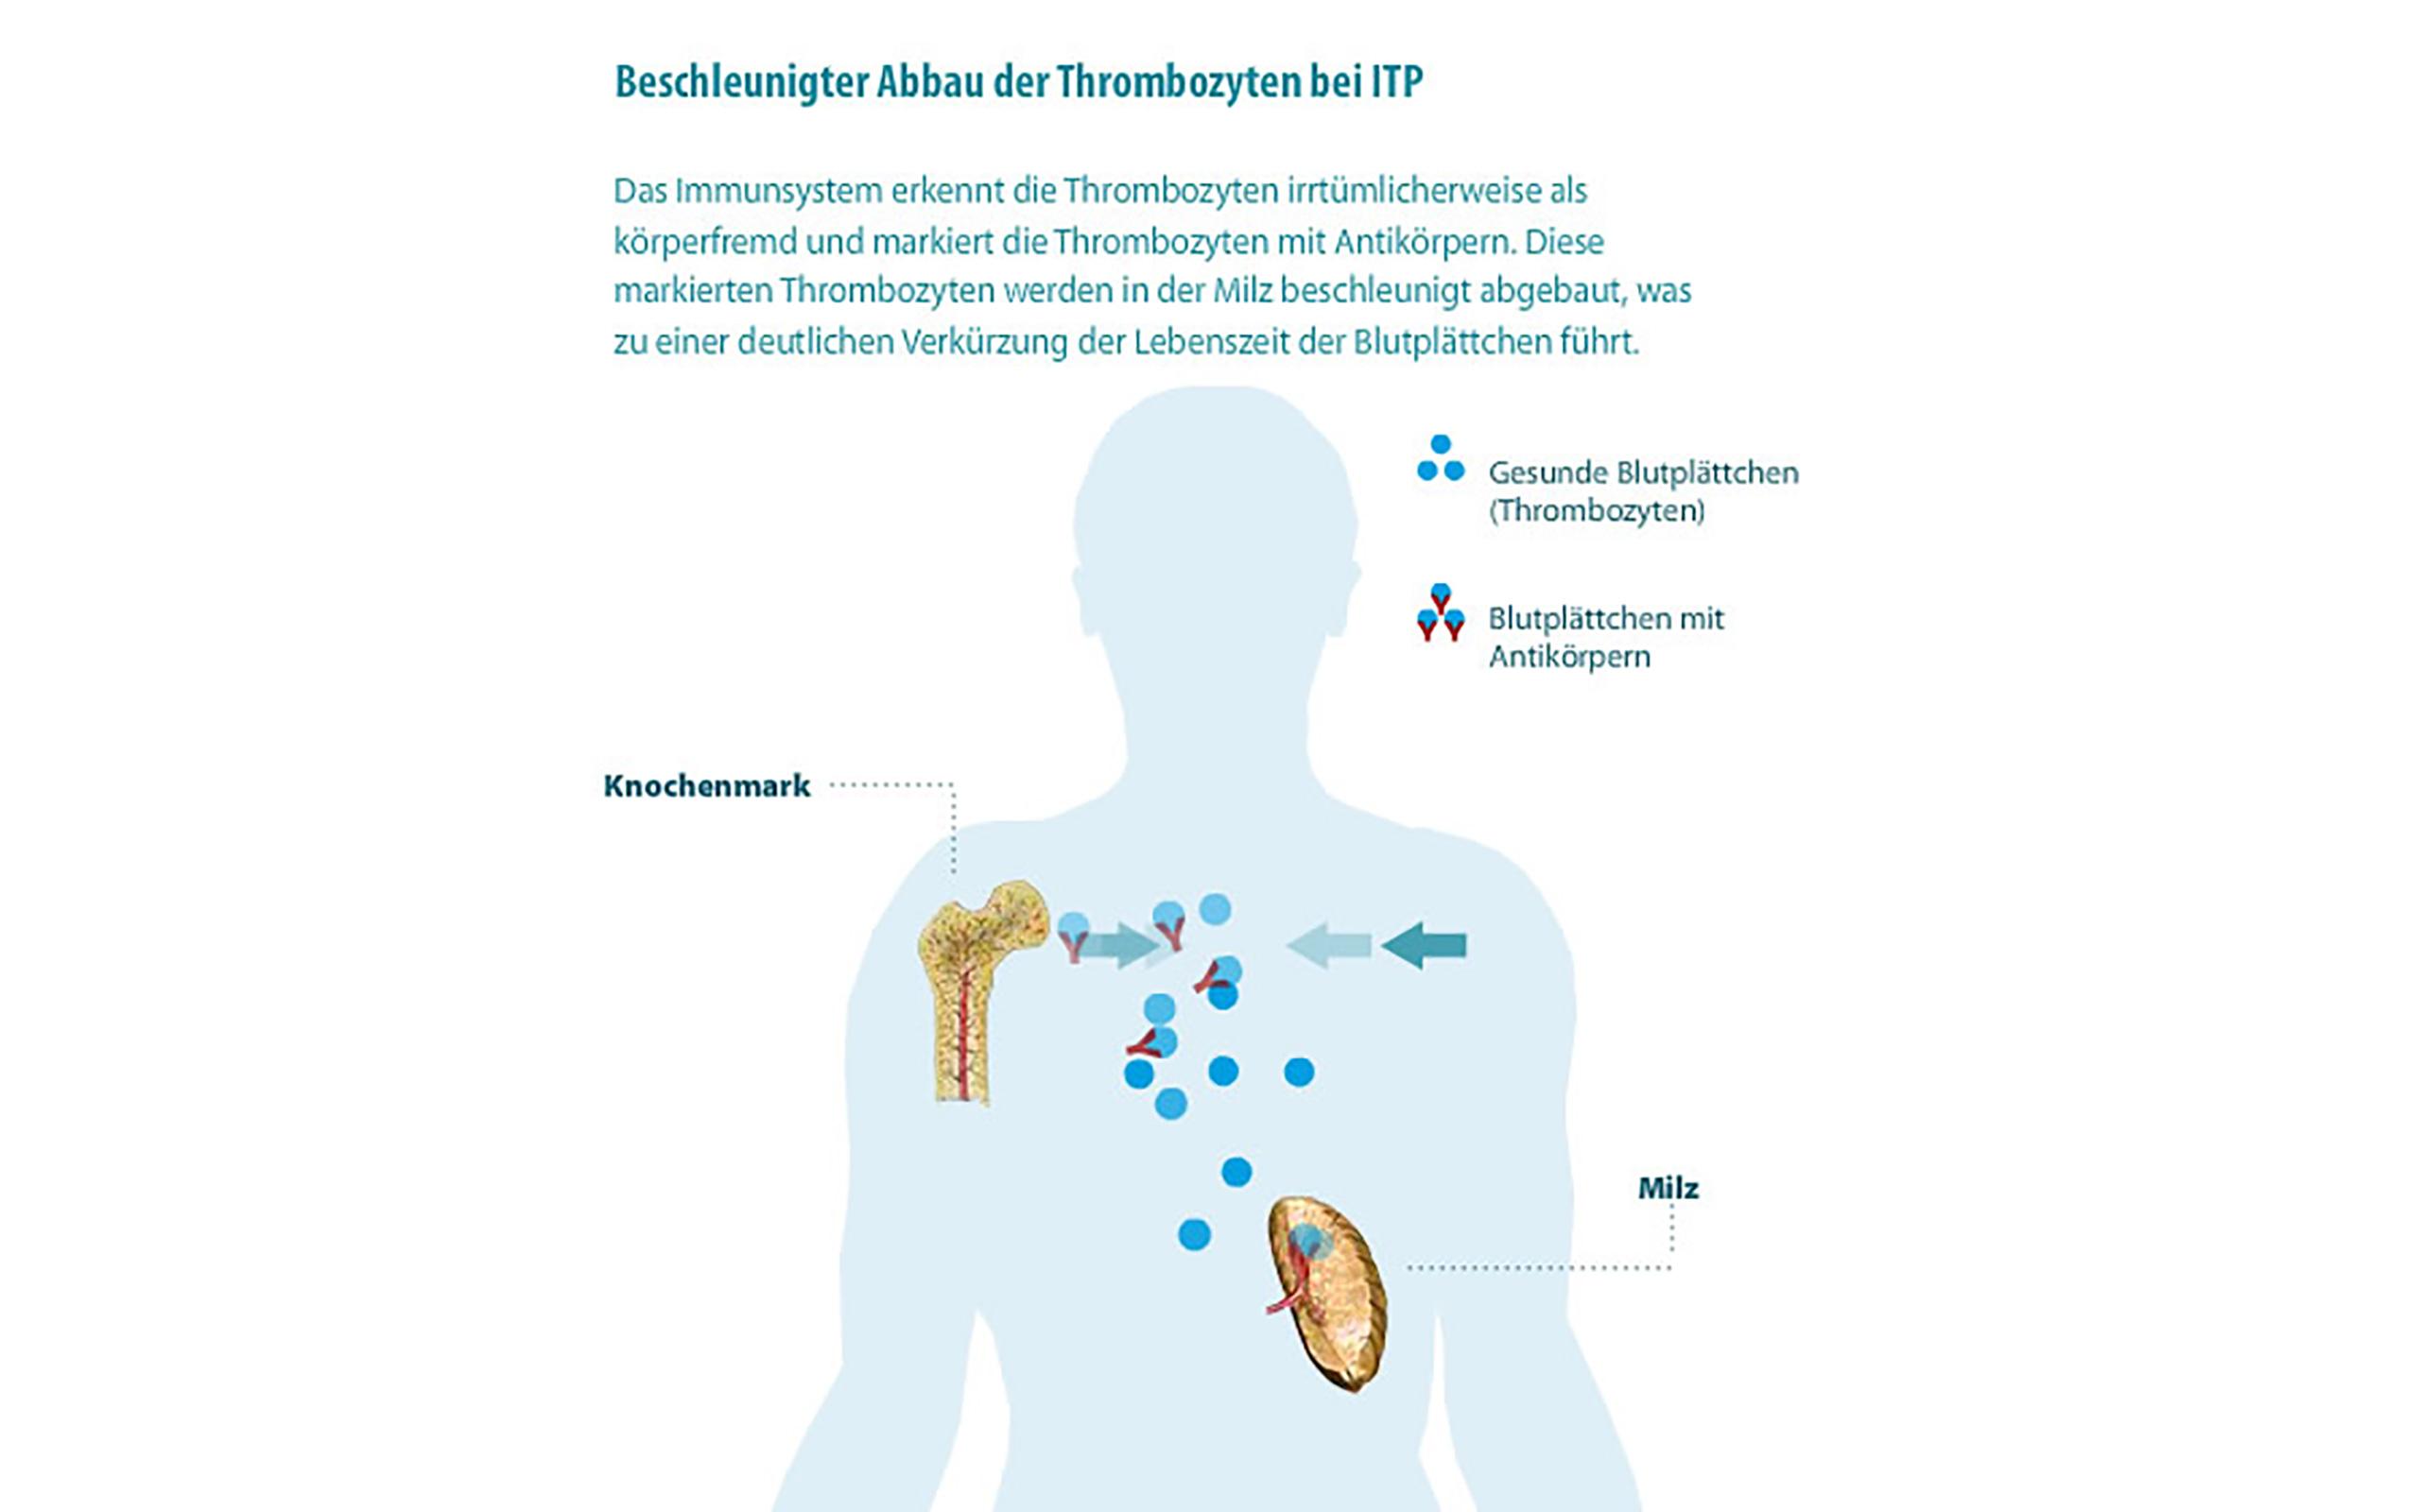 ITP - Abbau in der Milz / Grafik: itp.de